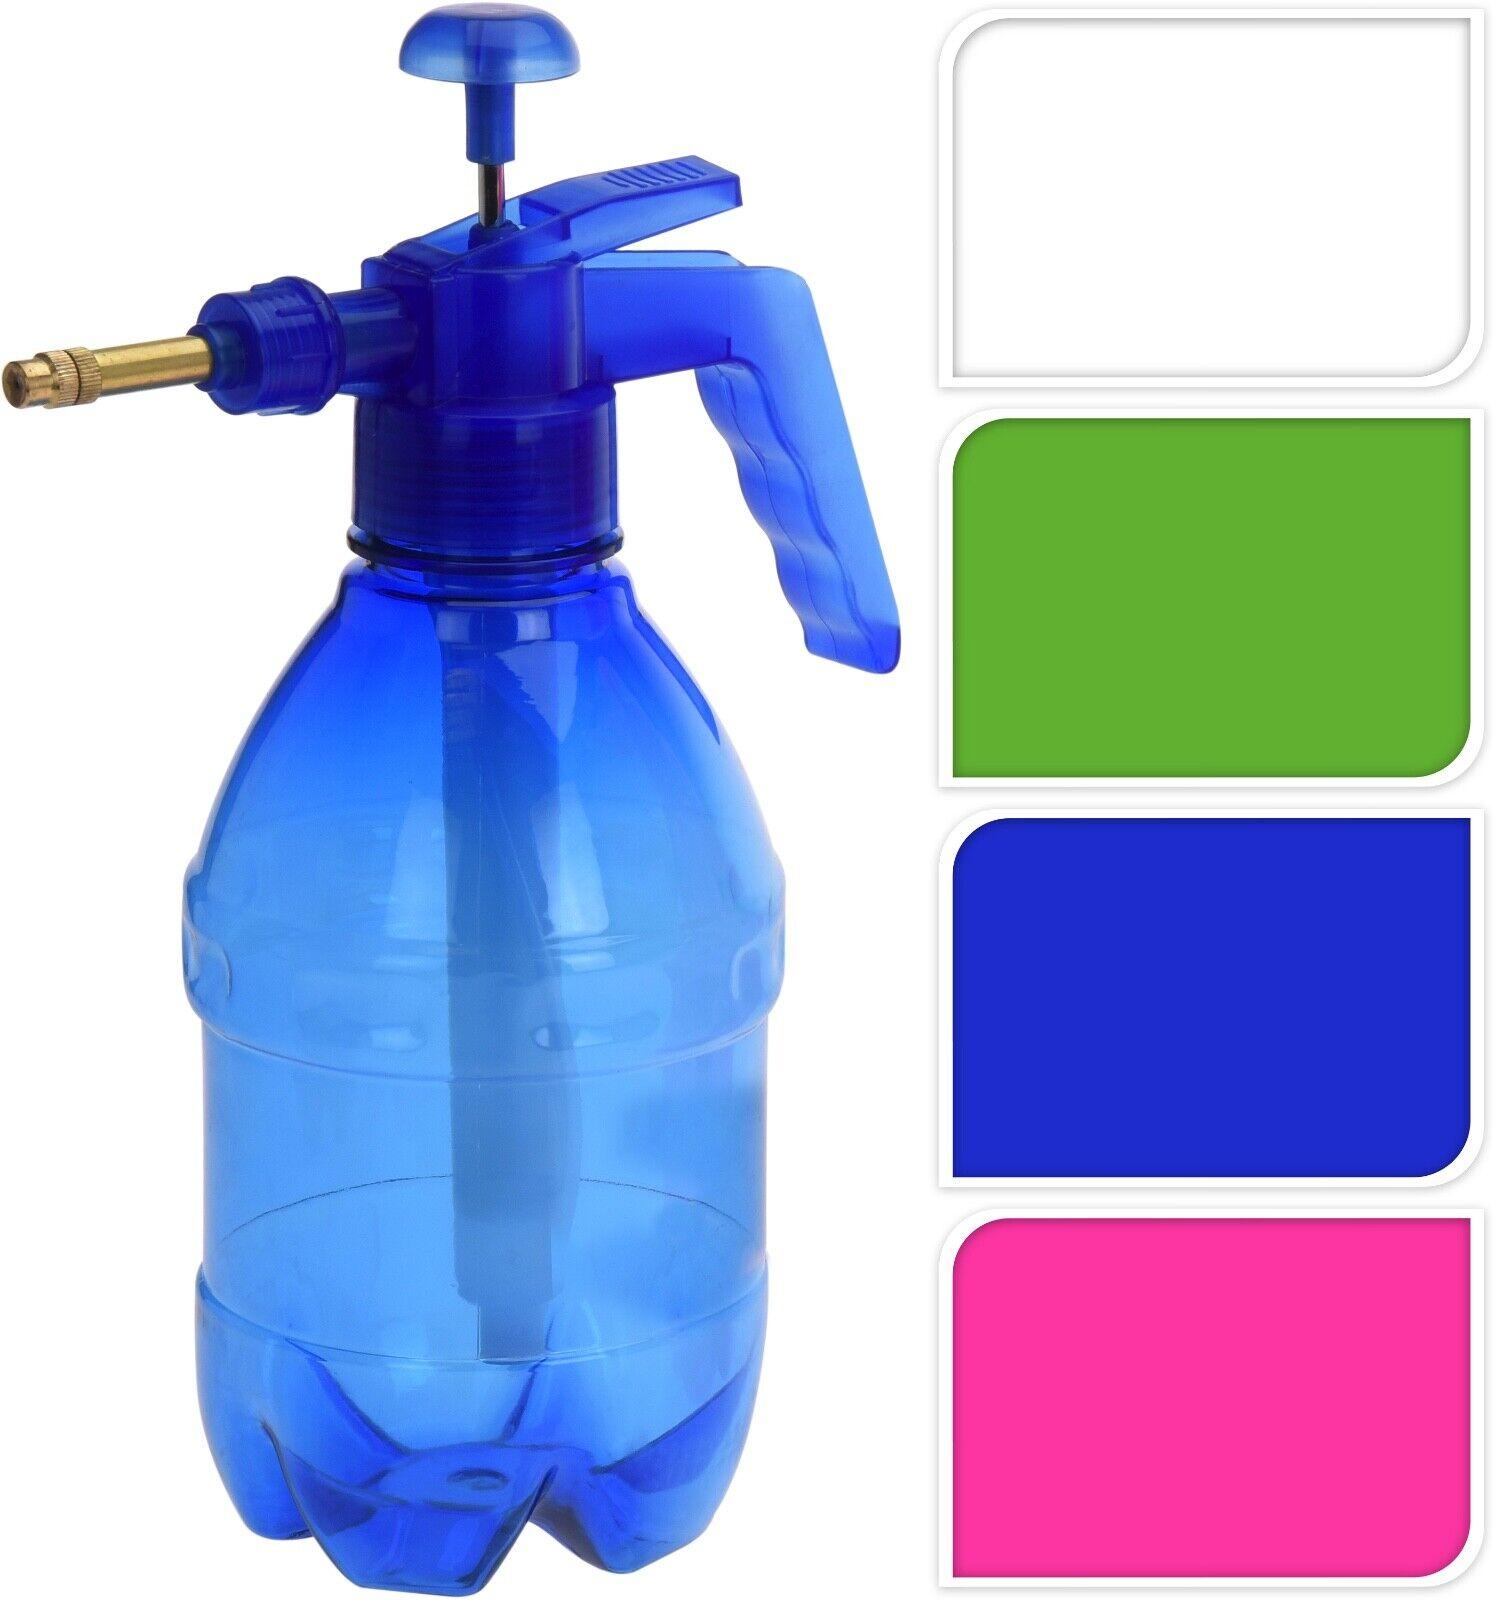 Drucksprüher 1,5 Liter Handsprüher Pumpsprüher 1,5l Pflanzensprüher 4 Farben